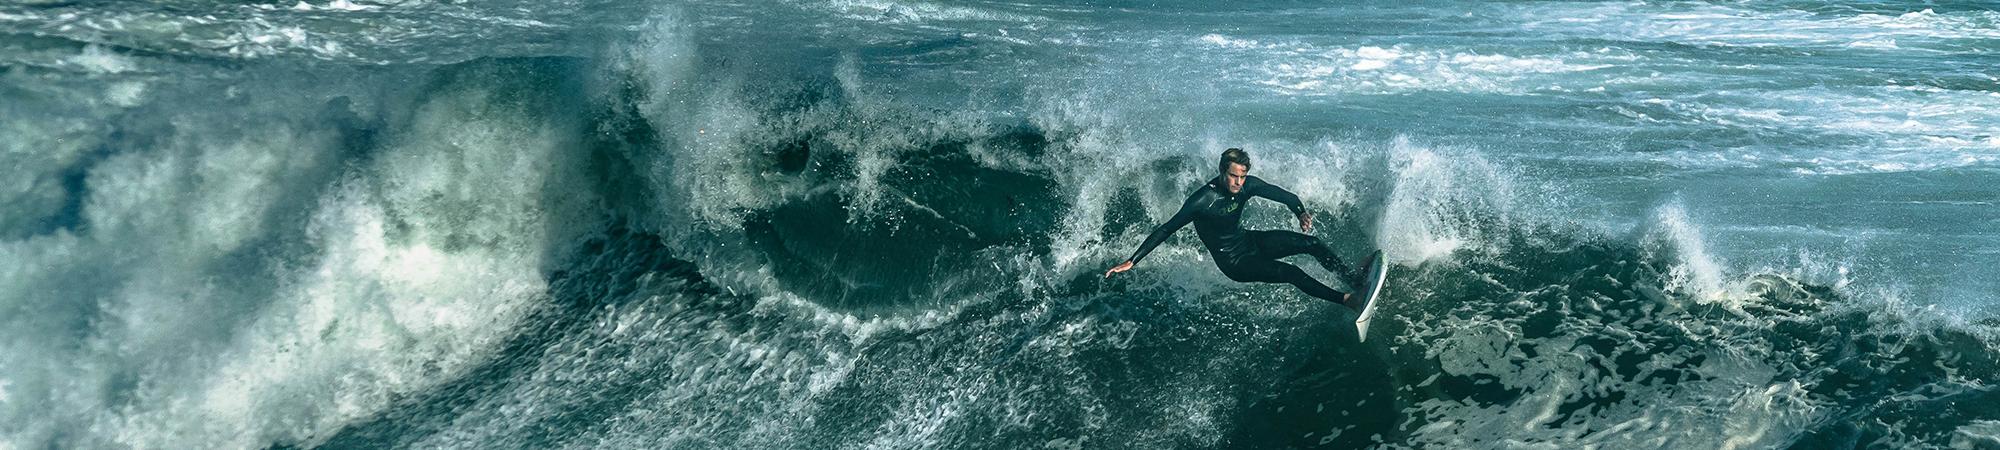 Total Slides Surfer.jpg